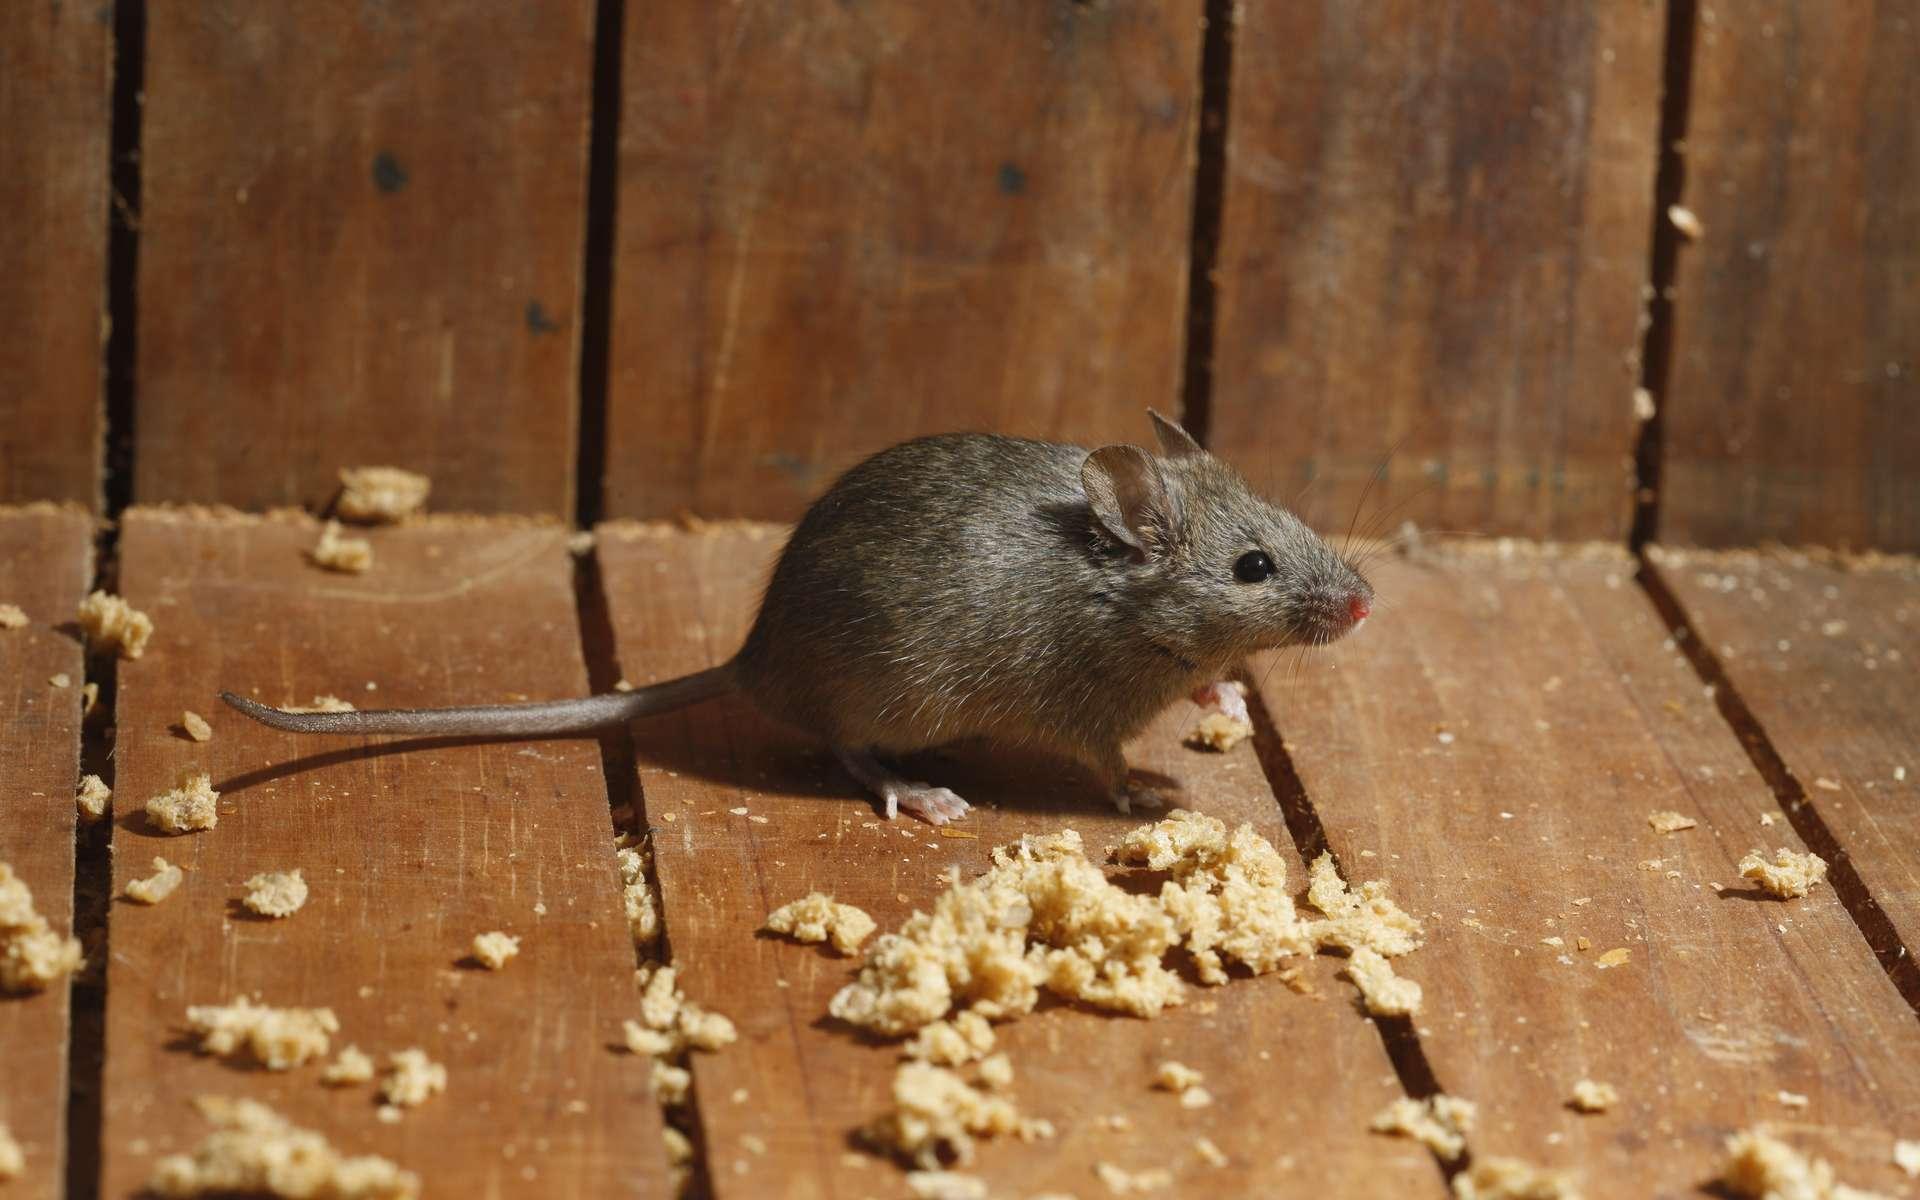 Après une thérapie génétique, des souris ont retrouvé l'usage de leurs pattes arrières. © Erni, Adobe Stock